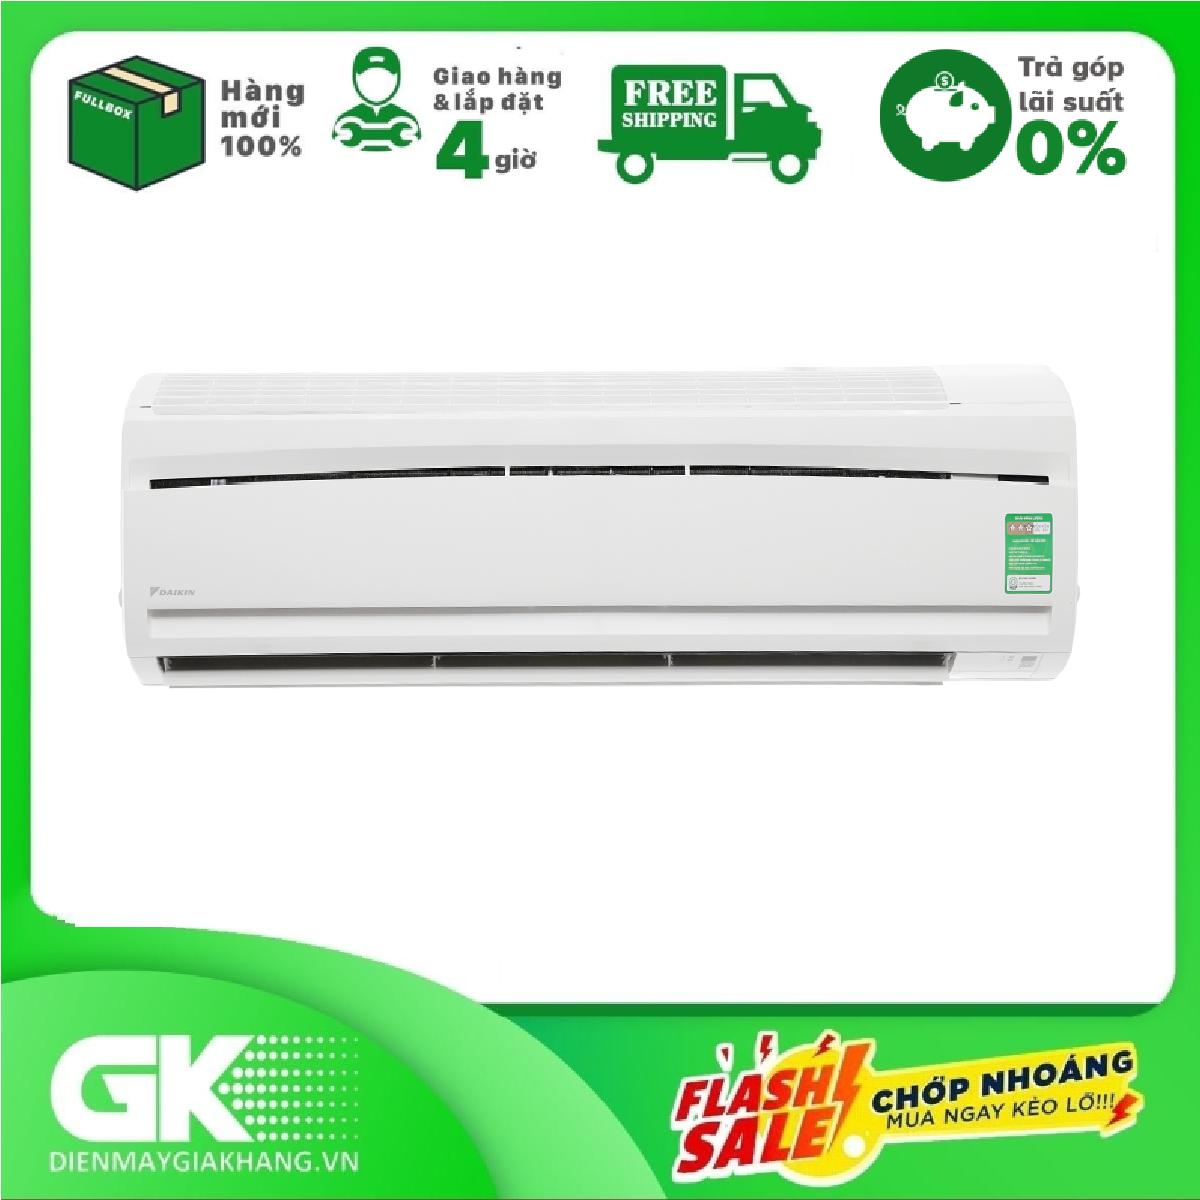 TRẢ GÓP 0% – Máy lạnh Daikin 2.0 HP FTC50NV1V